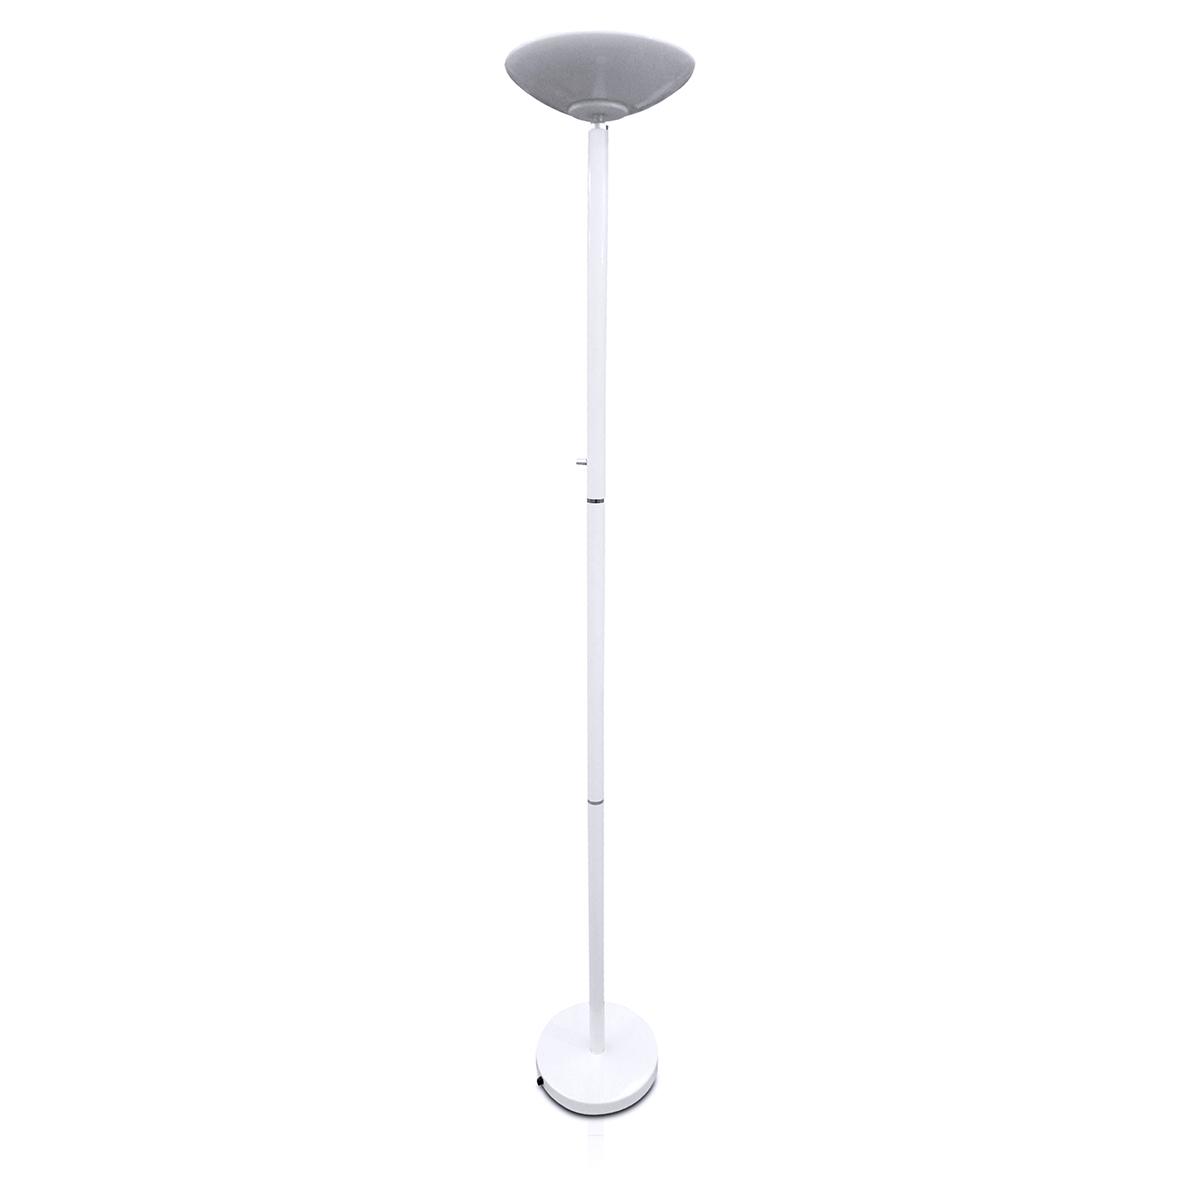 Coluna Luminaria Fixa Decorativa Branca